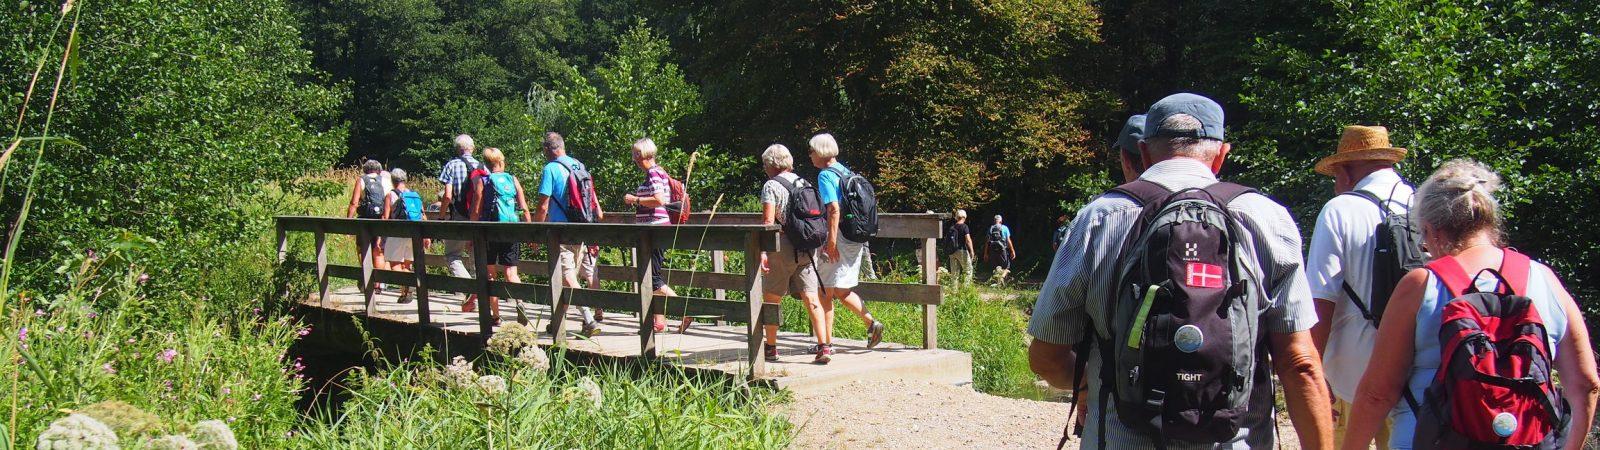 På vandretur i Hansted Skov. Foto Gerda Kyed